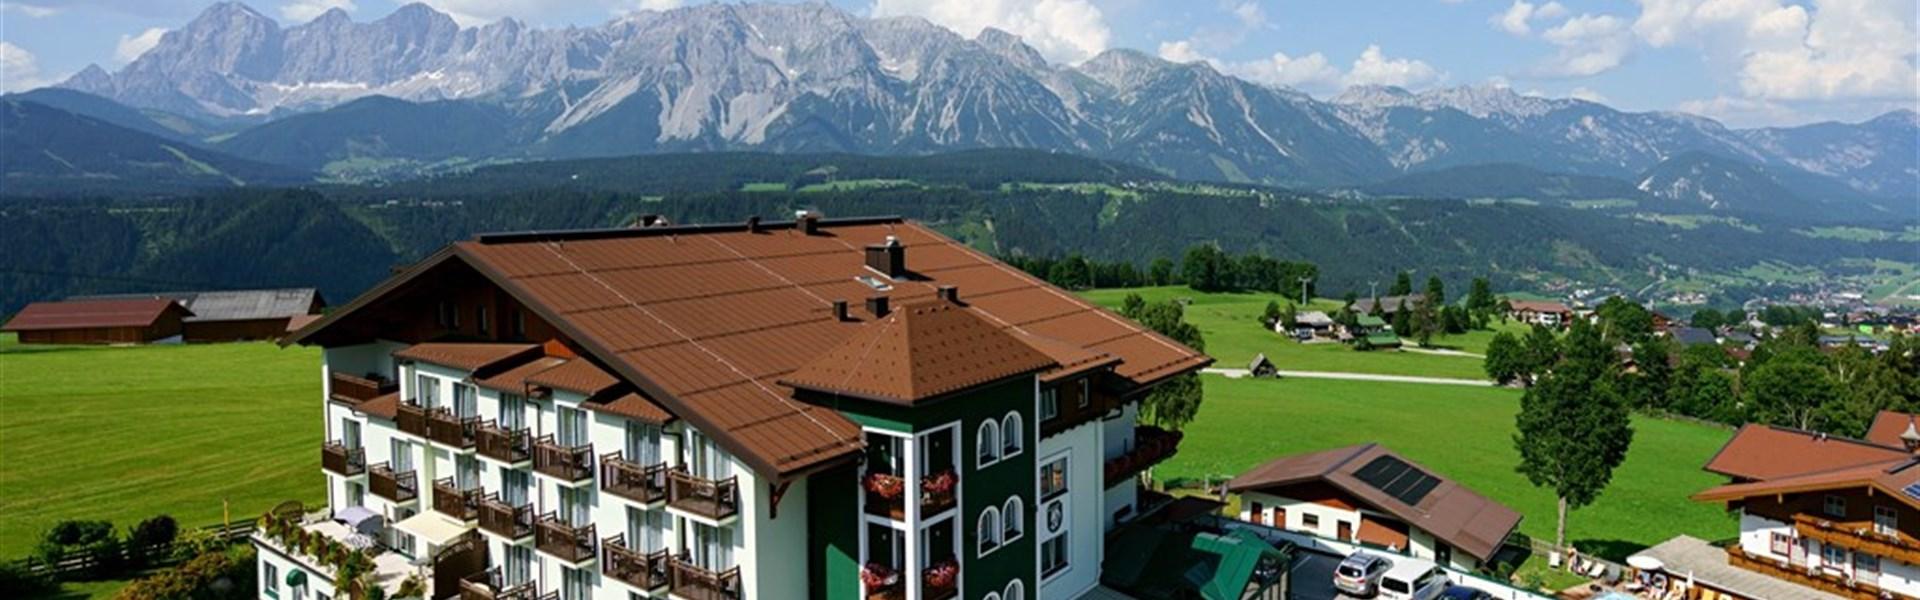 Hotel Waldfrieden -